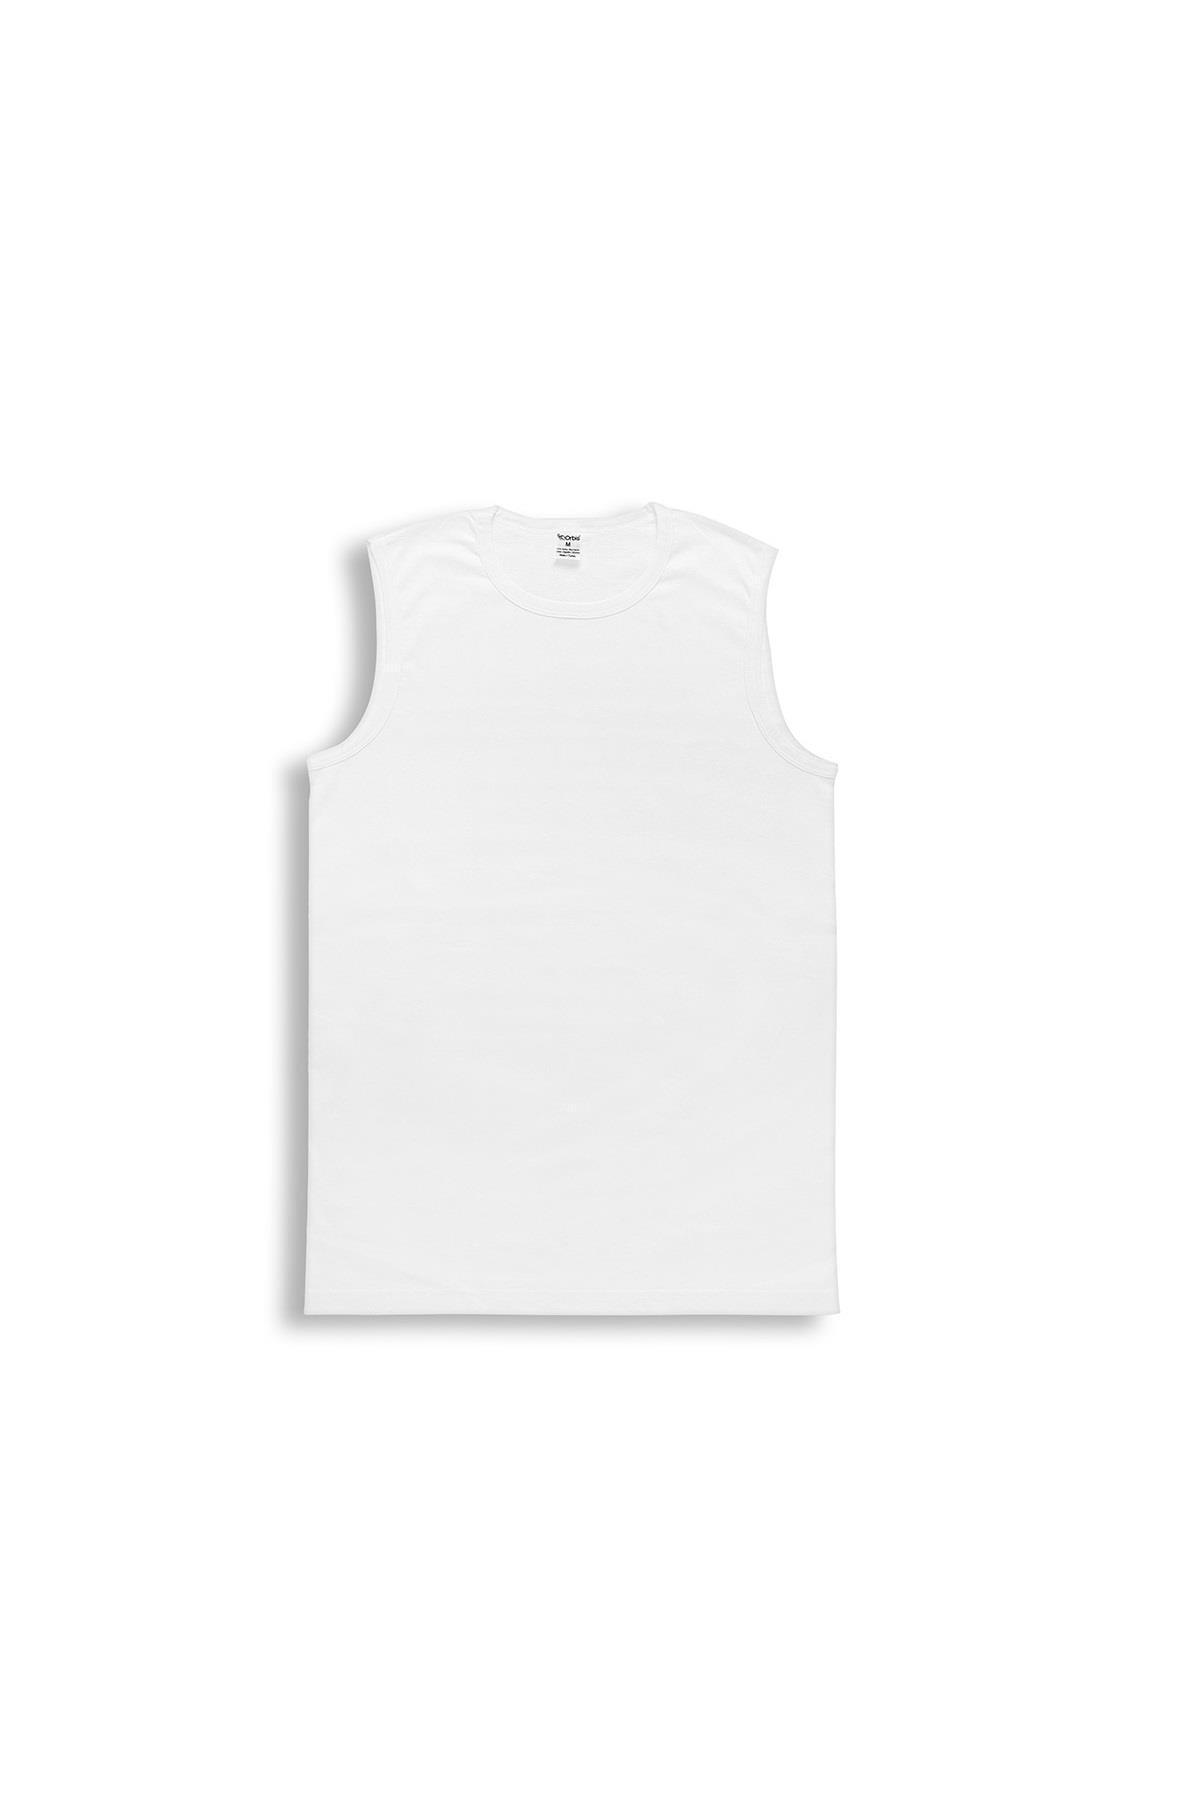 ORBİS 6'lı Erkek O Yaka Kolsuz Tişört 14003-a6 1